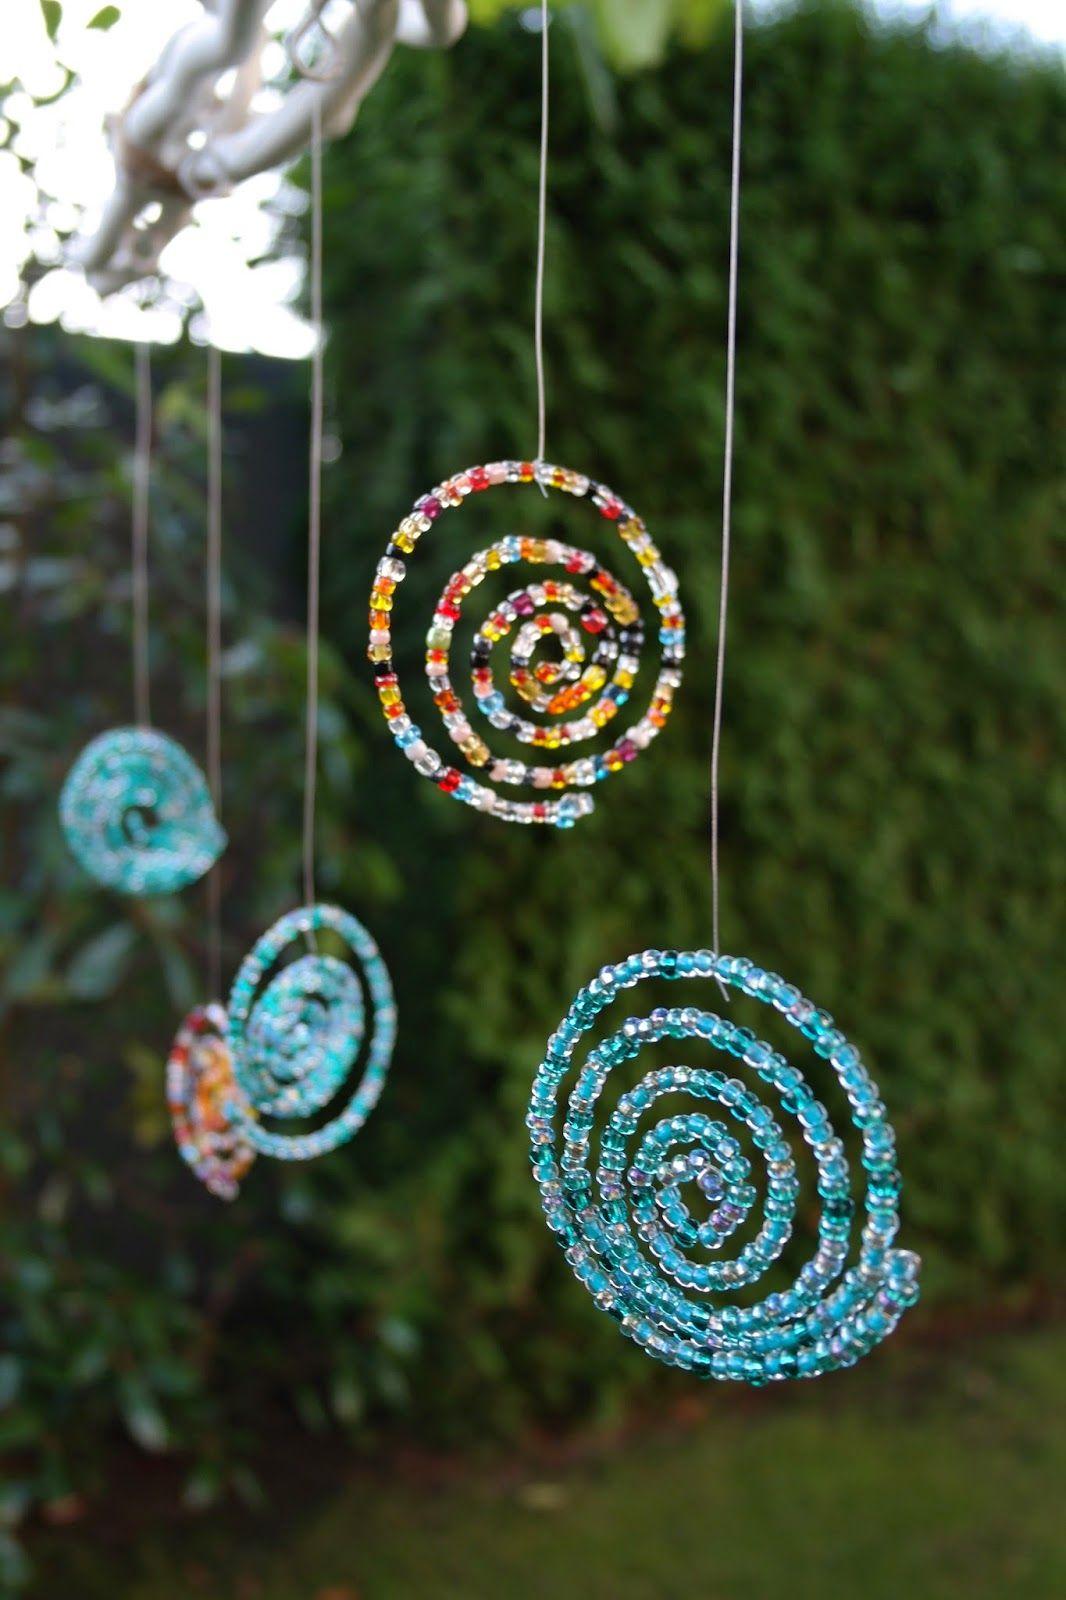 Gartendeko selbstgemacht basteln  Die kreativen Adern: Tutorial / DIY | Kinder basteln & gestalten ...